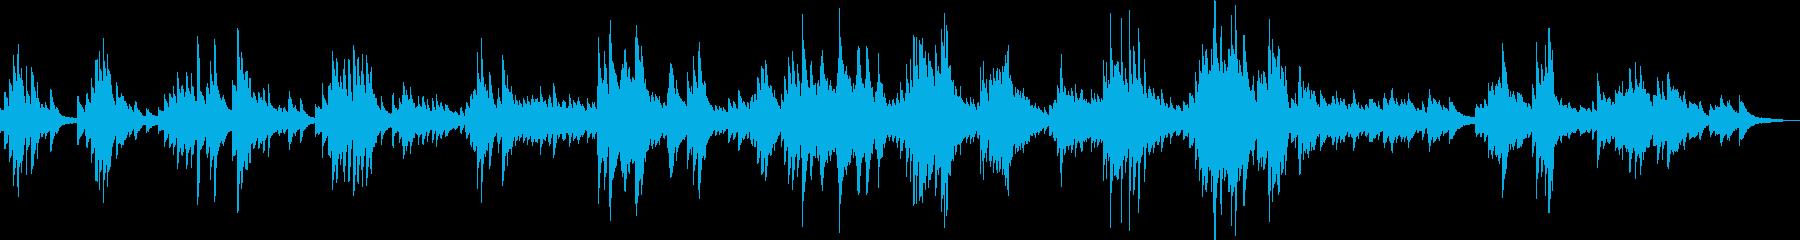 都会のバーで独り涙するピアノ曲(哀愁)の再生済みの波形